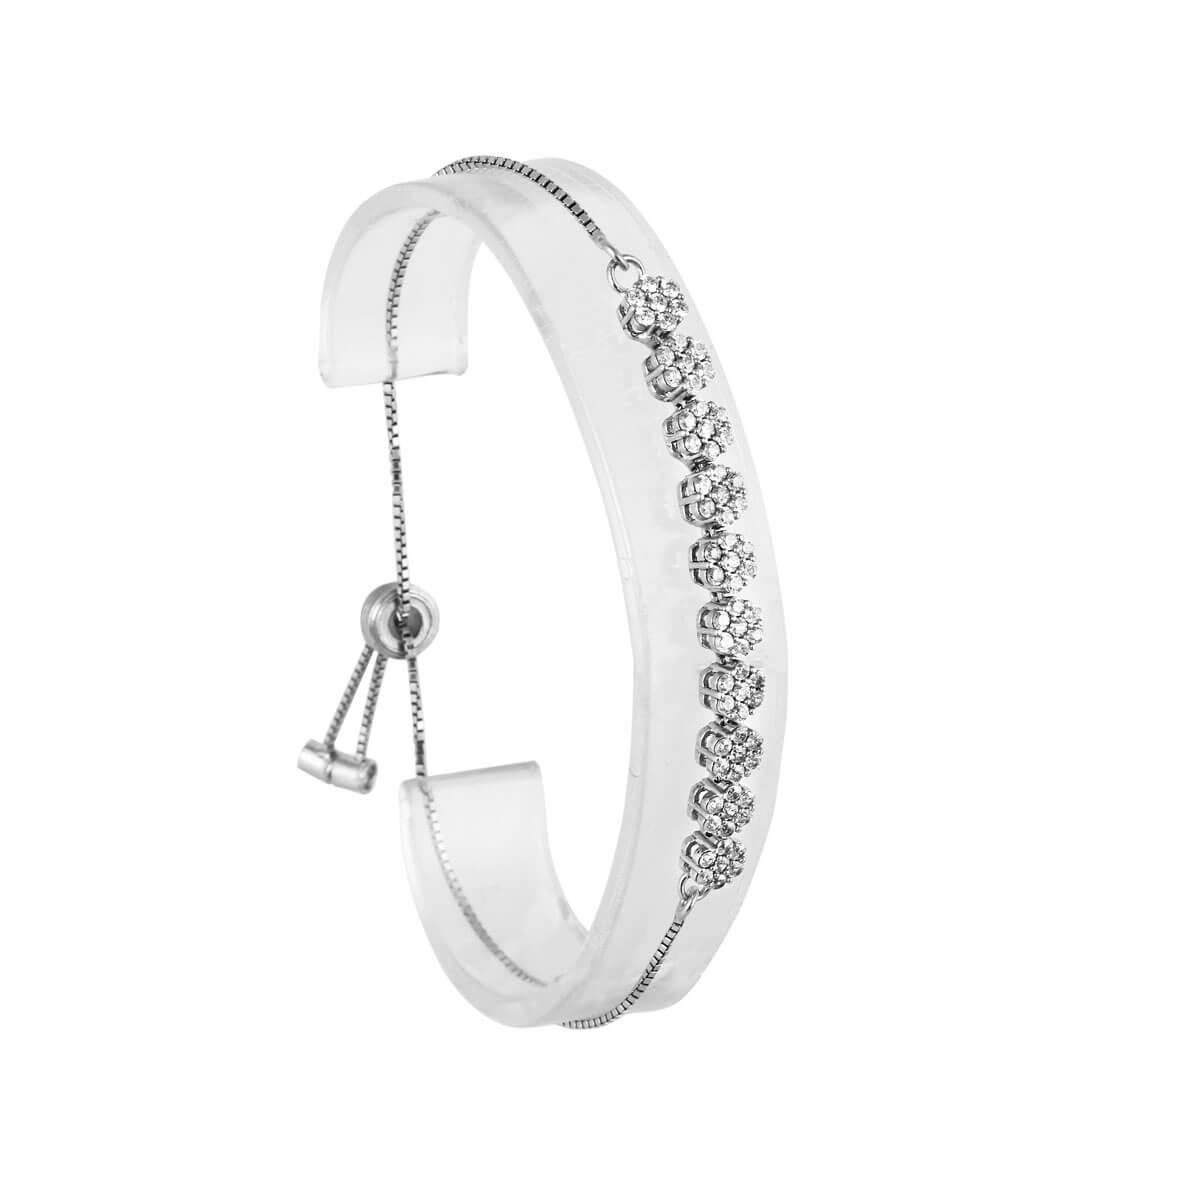 قیمت و خرید دستبند نقره زنانه نگین دار مدل نگینا